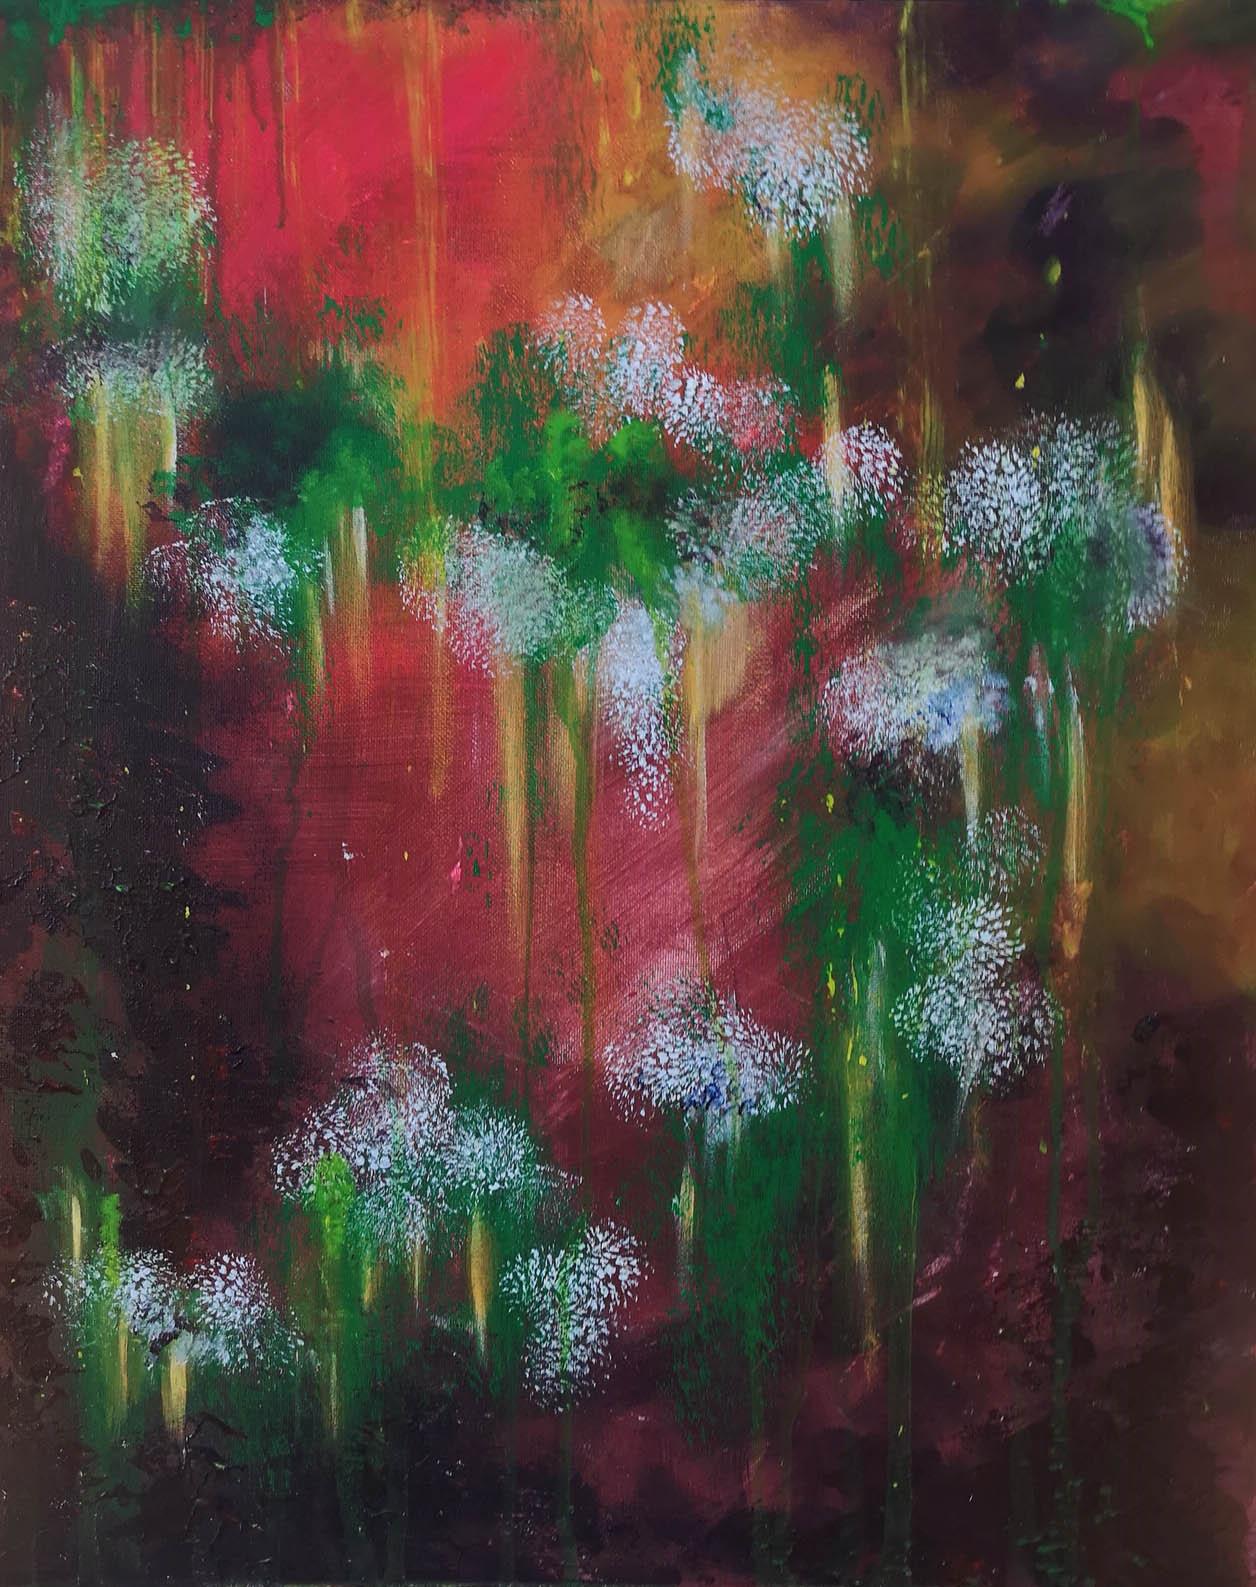 Pystysuuntainen abstrakti maalaus. Taustan tummat puna-keltaiset sävyt korostavat vihreällä ja valkoisella sommiteltuja ilmavia kuvioita.